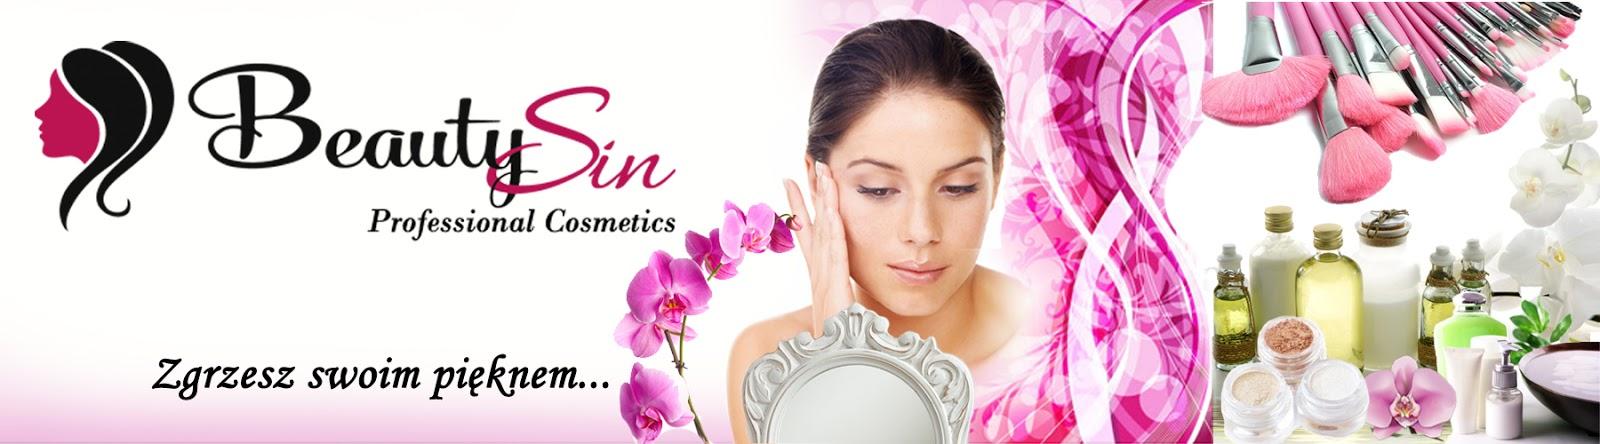 http://beautysin.pl/